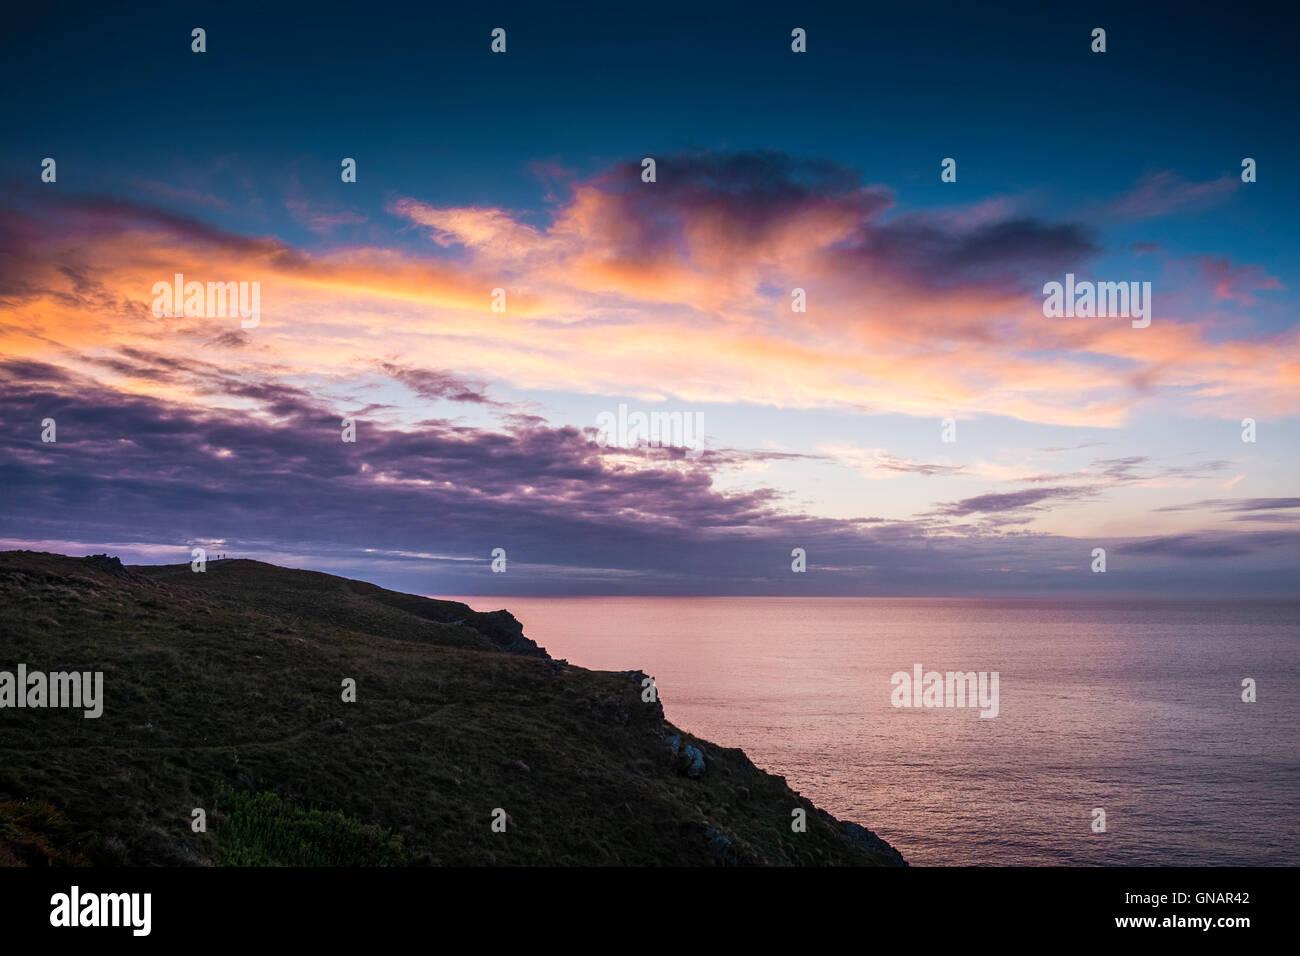 Un spectaculaire coucher de soleil sur l'Est de Pentire Newquay, Cornwall. Photo Stock